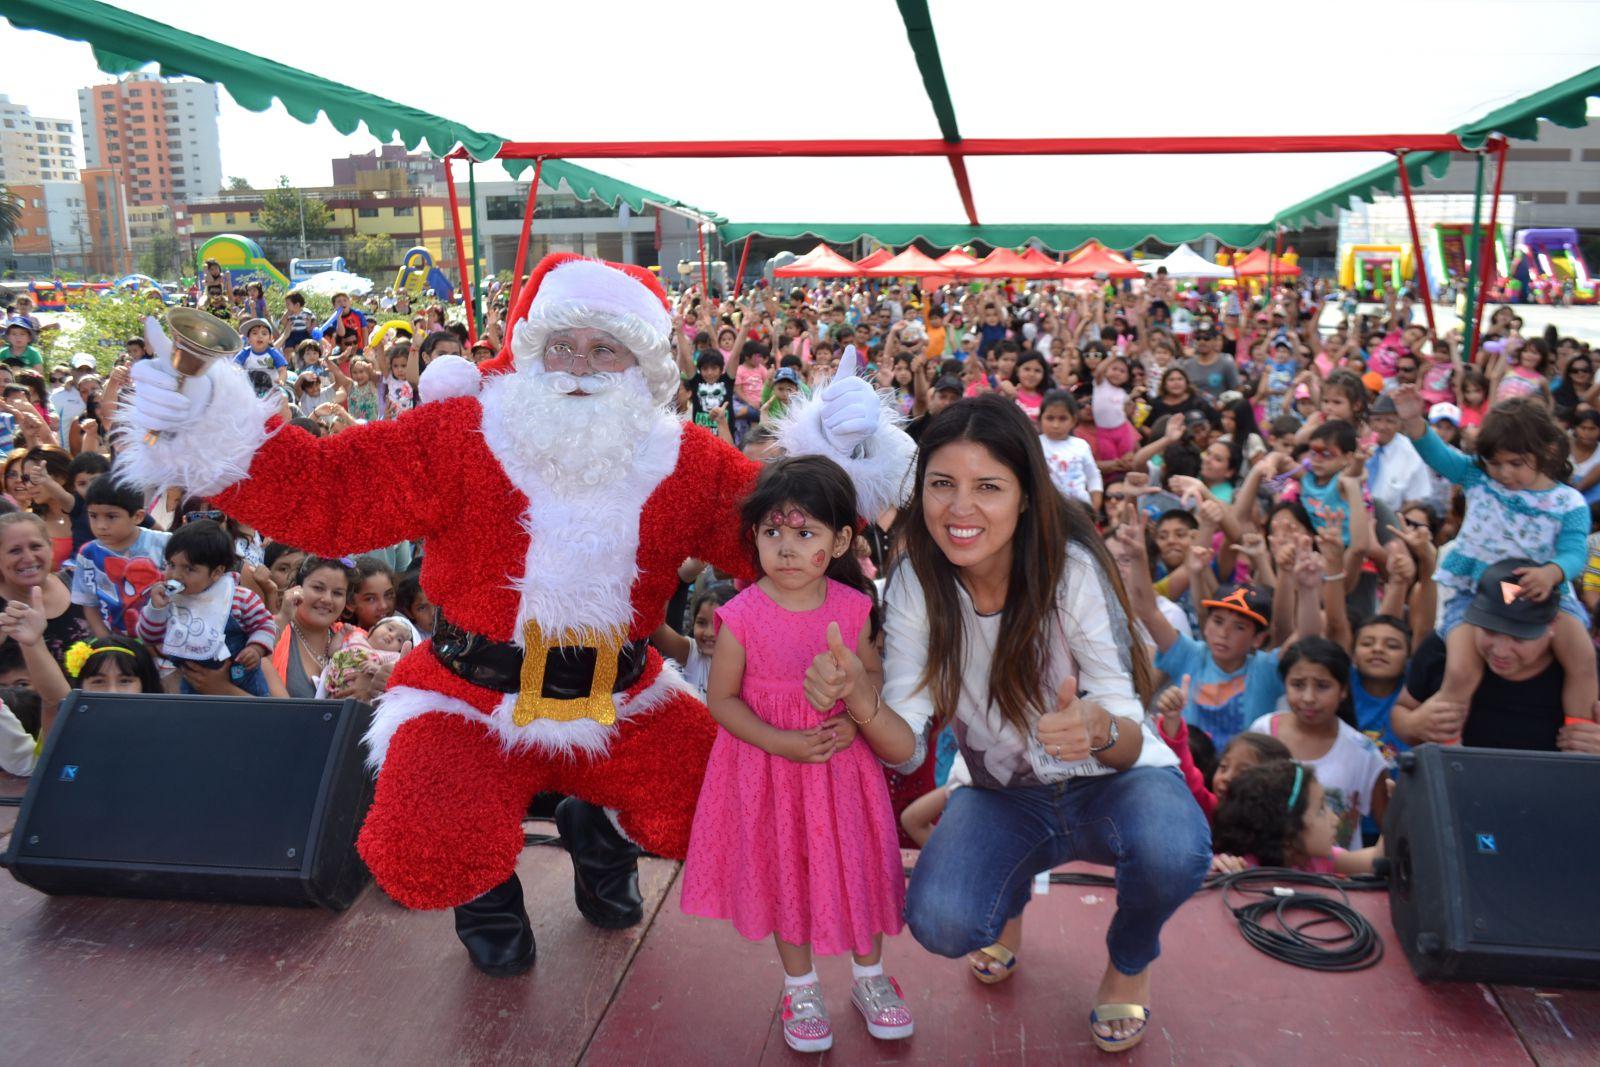 municipalidad-abre-inscripciones-para-programa-de-navidad-2016